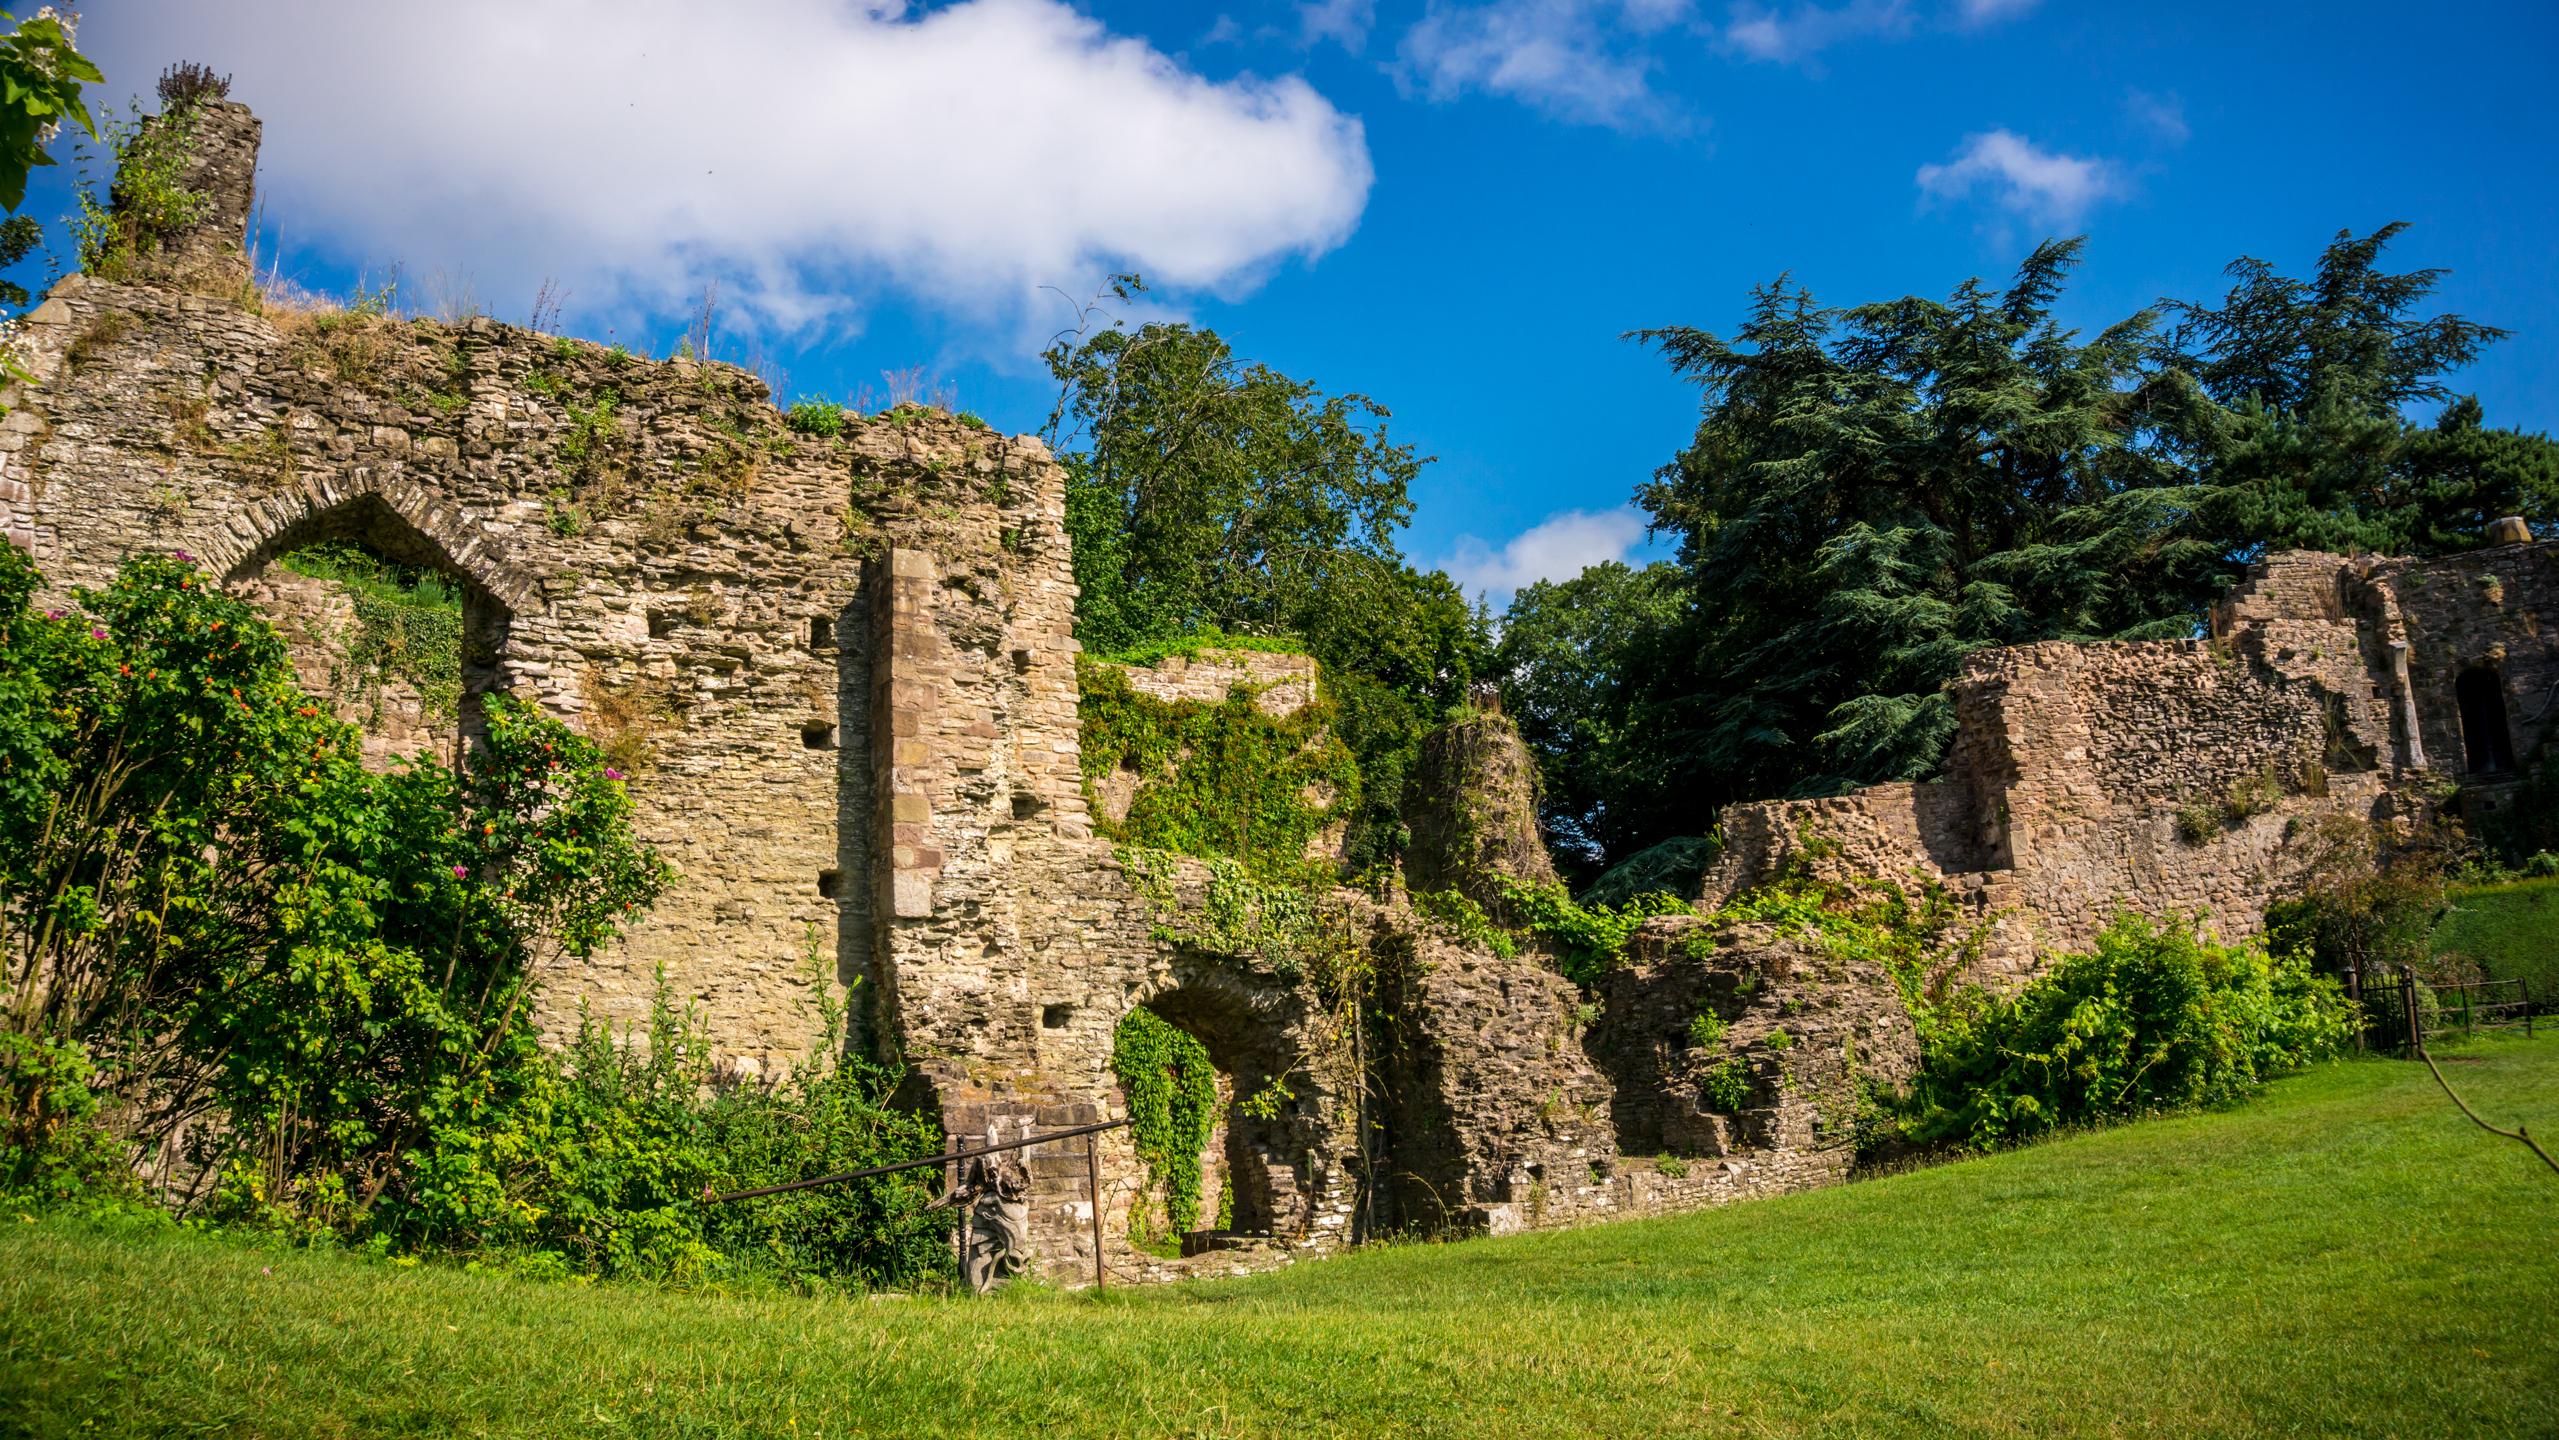 Usk Castle in Lockdown